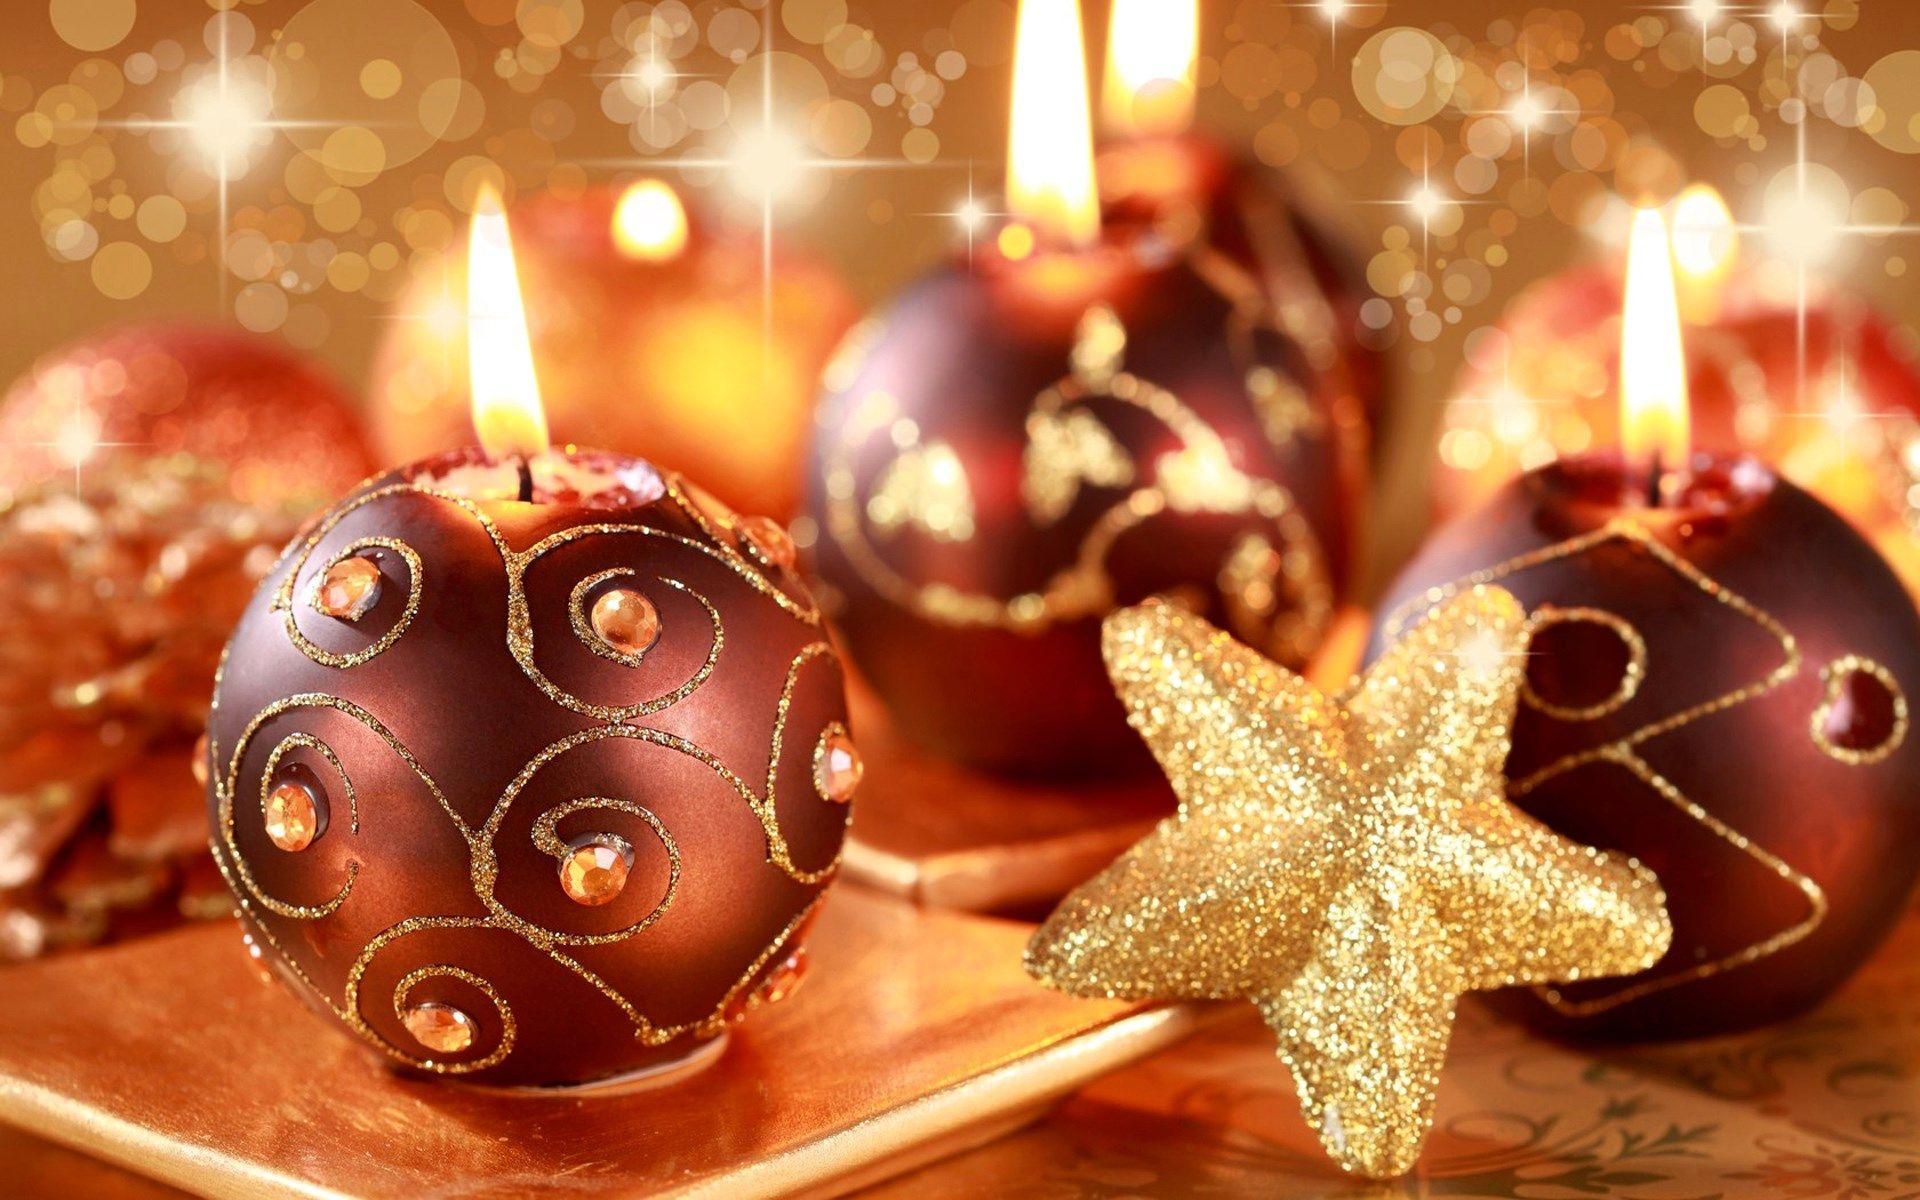 free desktop christmas lights wallpapers o oshenka